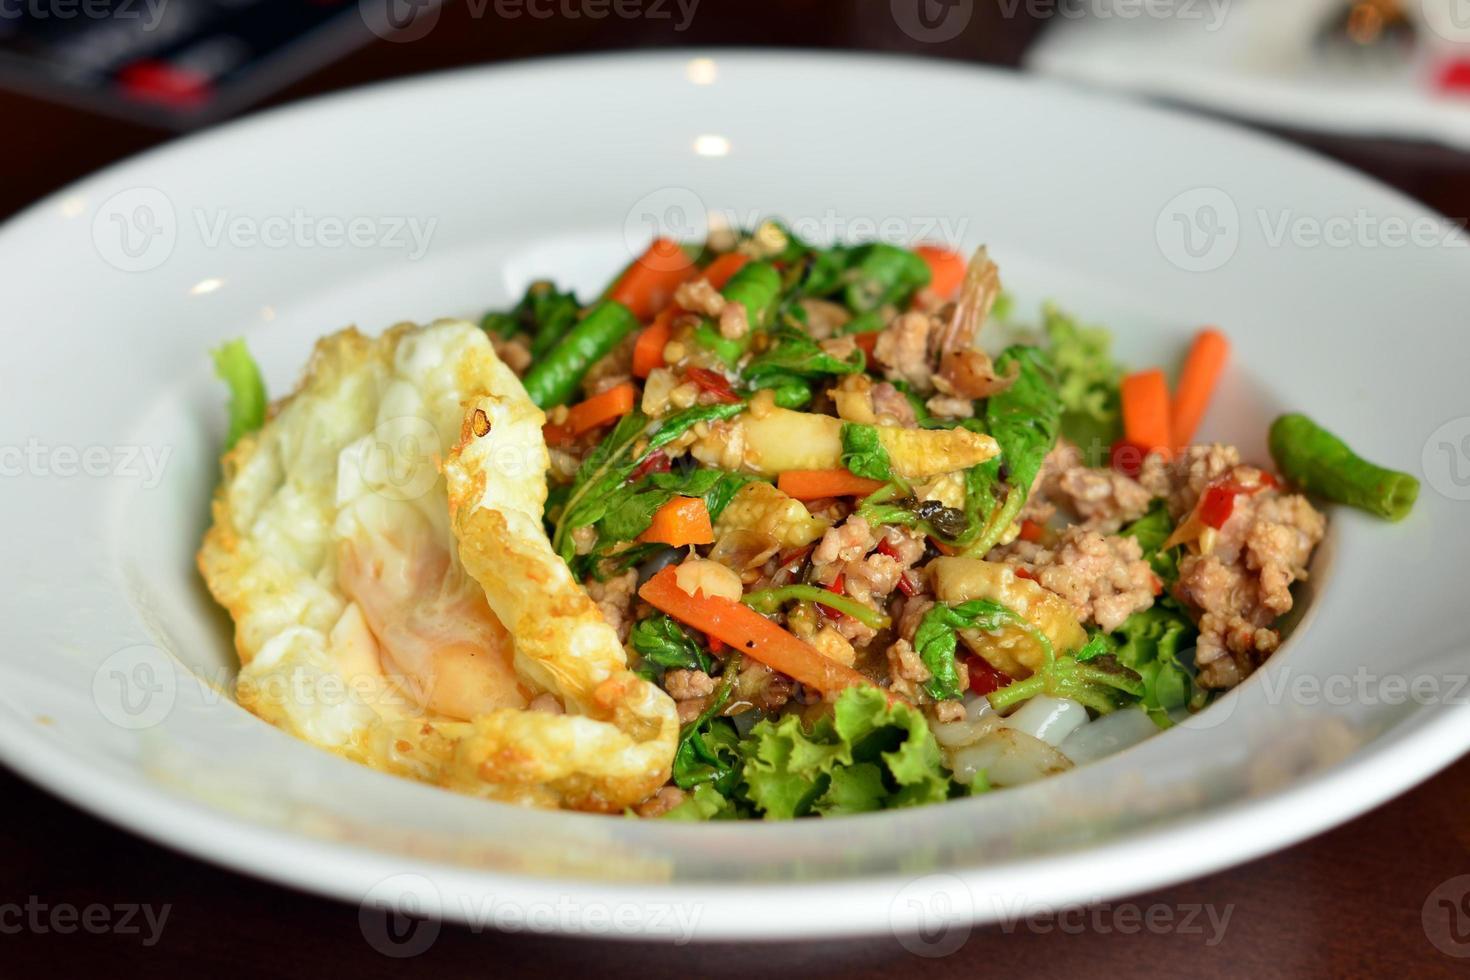 basilico fritto mescolare la tagliatella tailandese con carne di maiale tritata con l'uovo fritto foto